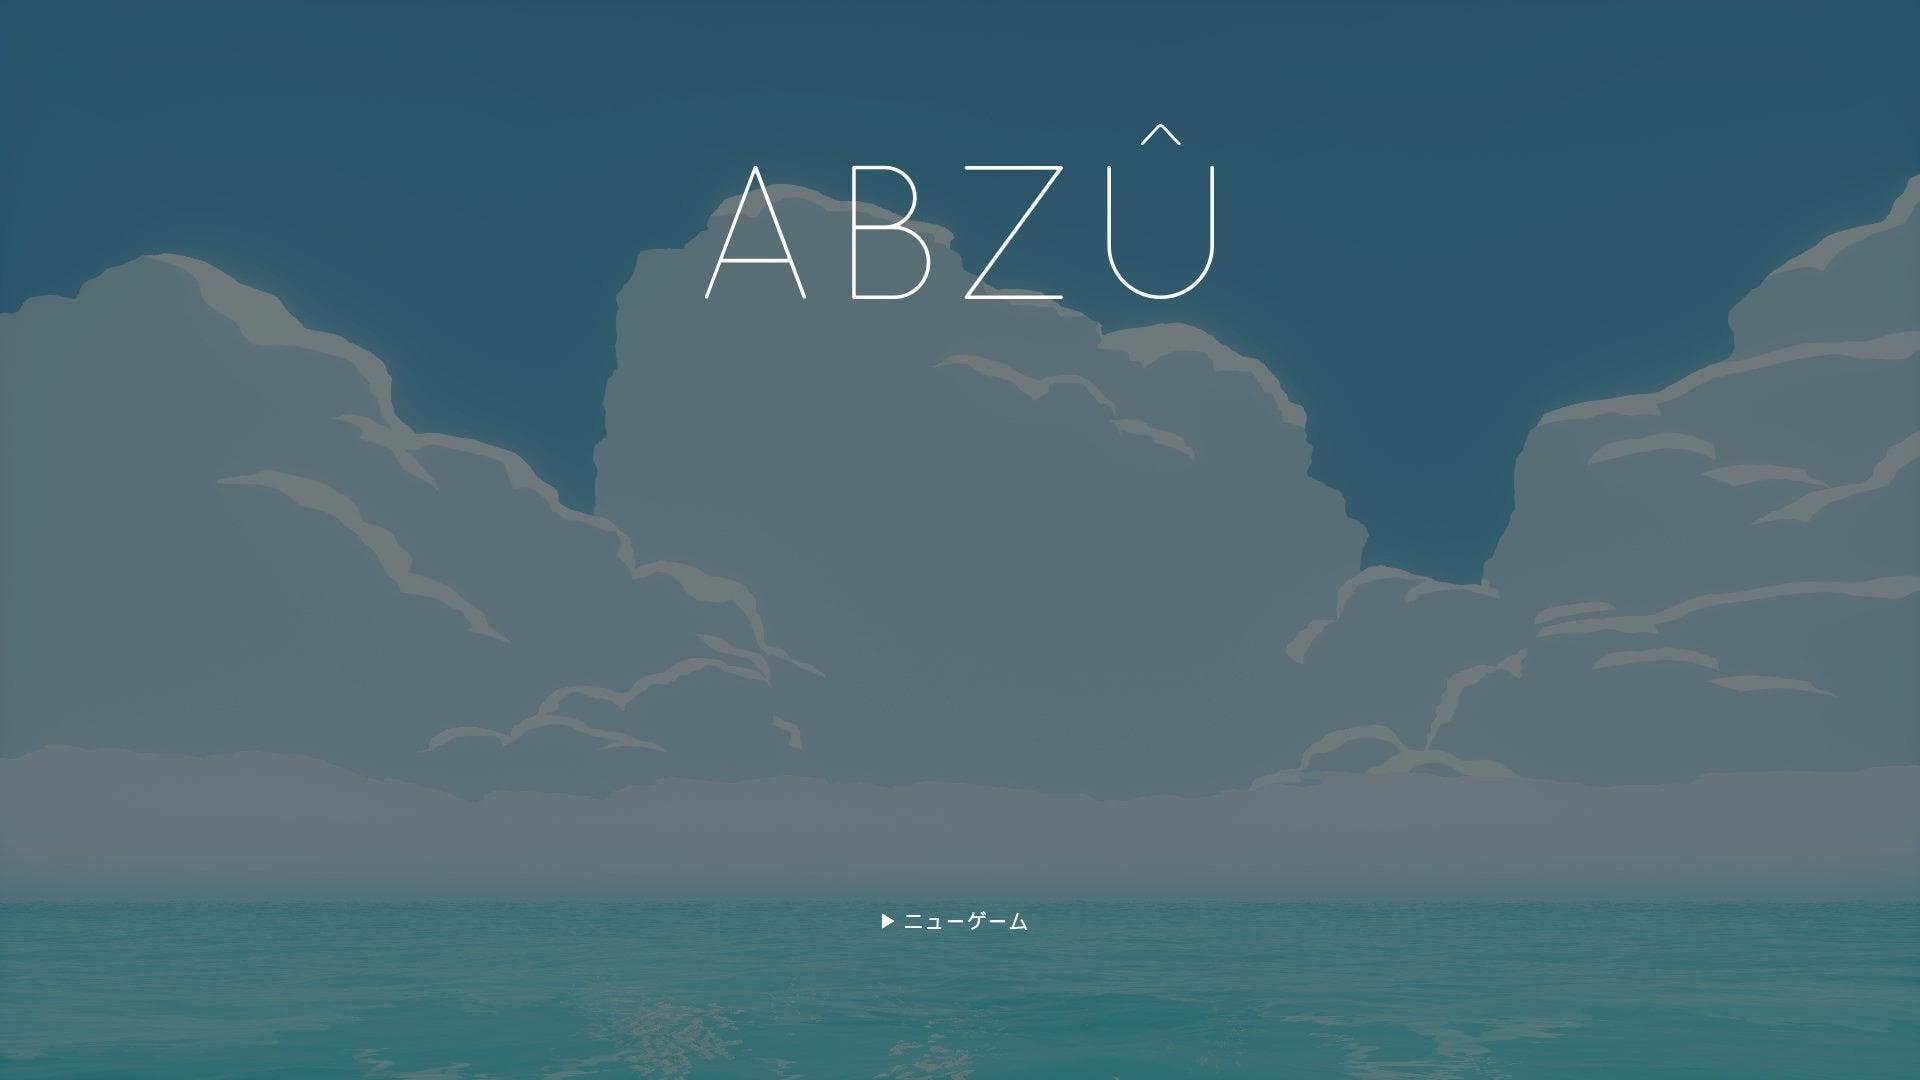 《ABZU》评测 有一种武器叫做美丽 - 知乎